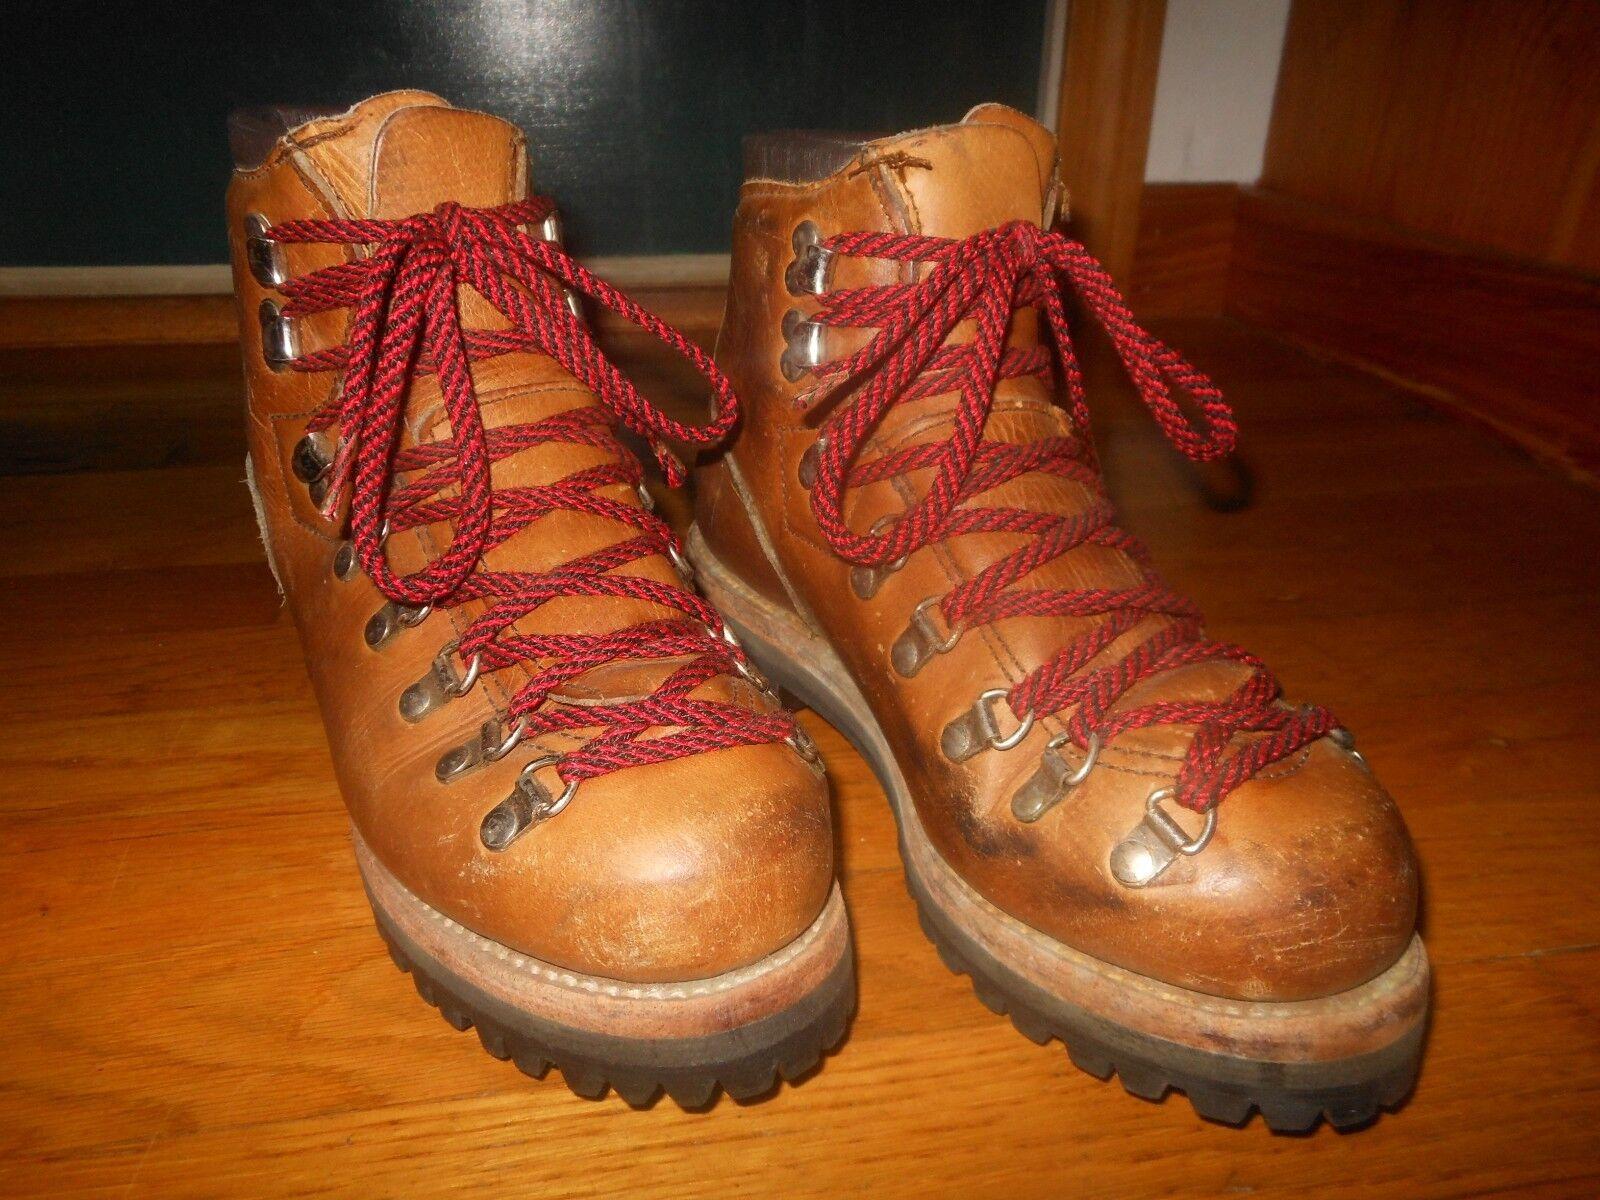 alpinisme vintage usa milo les - bottes - les sz 6 m - ex - condition 51ee43